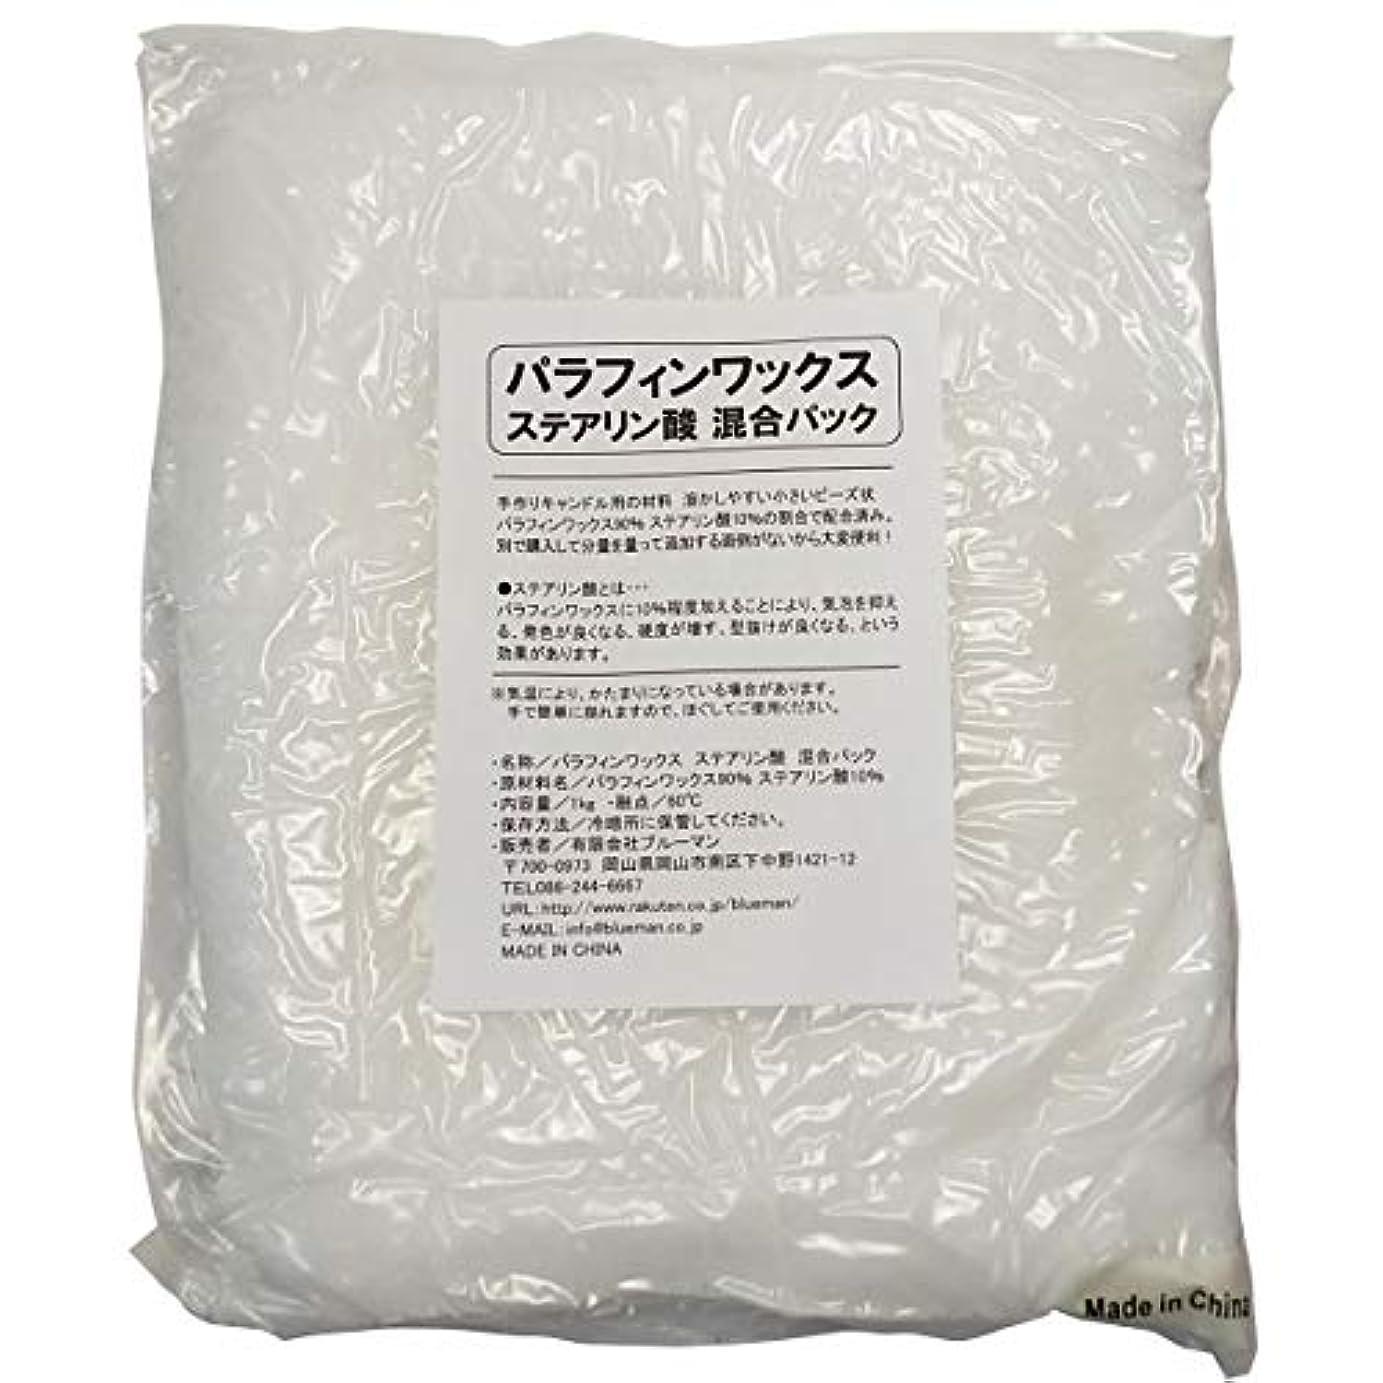 従事した市区町村疑いパラフィンワックス ステアリン酸 混合パック 1kg 手作りキャンドル 材料 1キロ アロマワックスサシェ